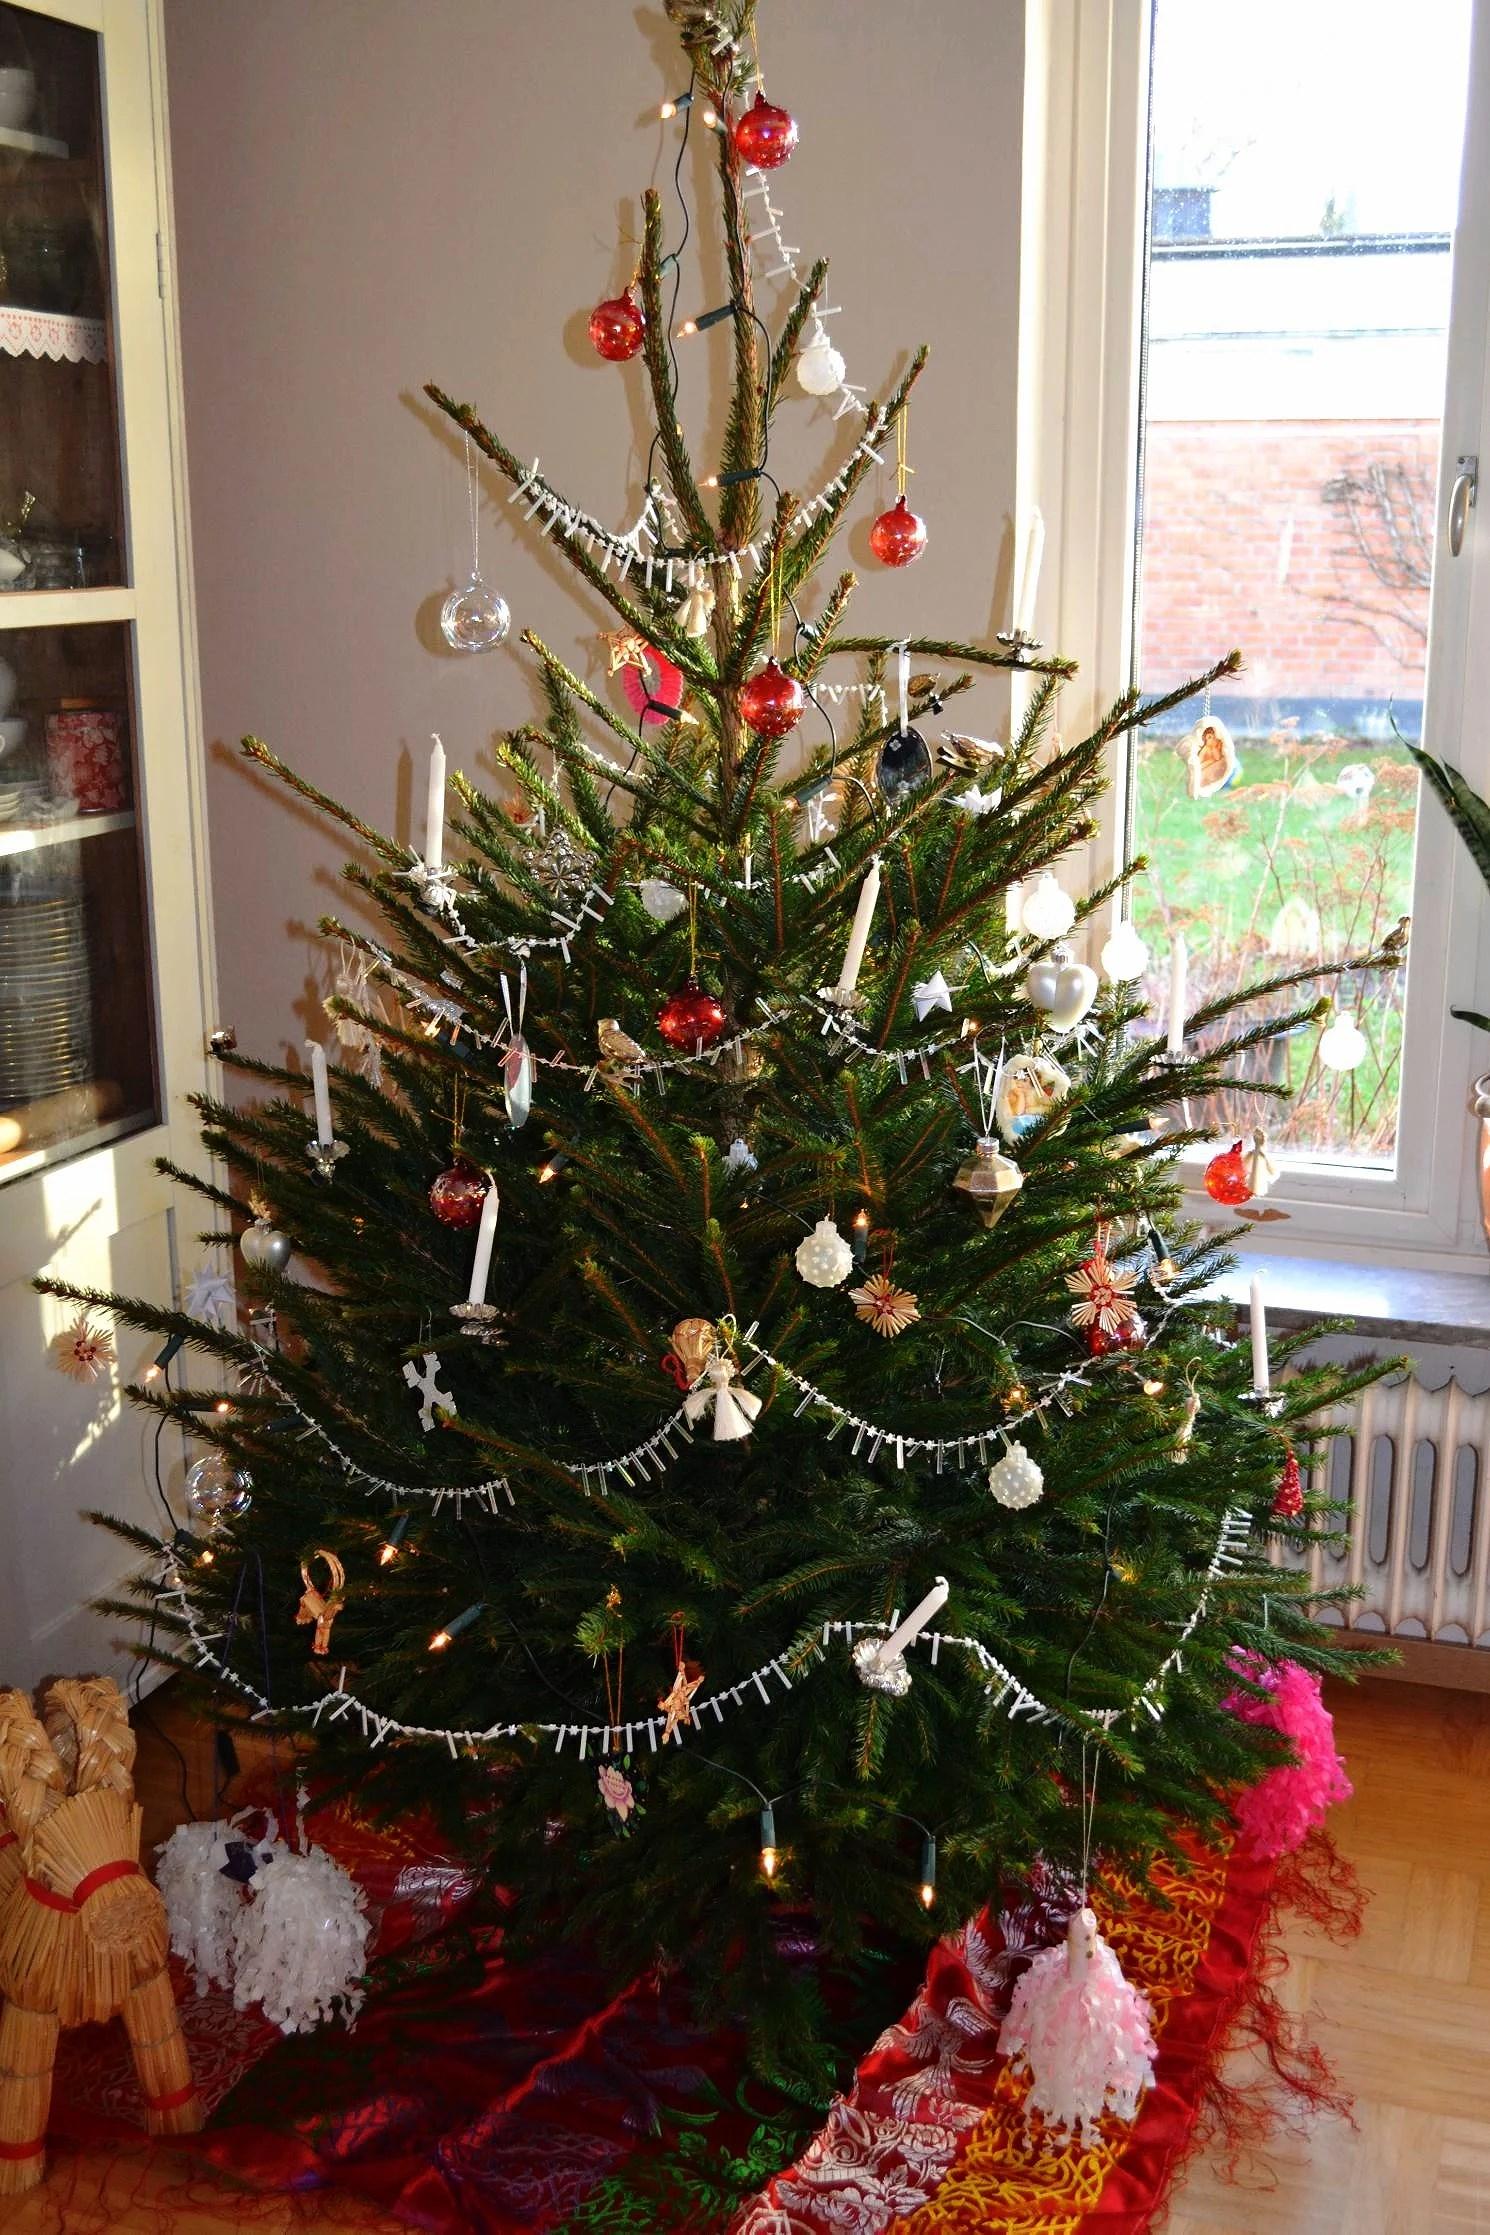 foton från julen